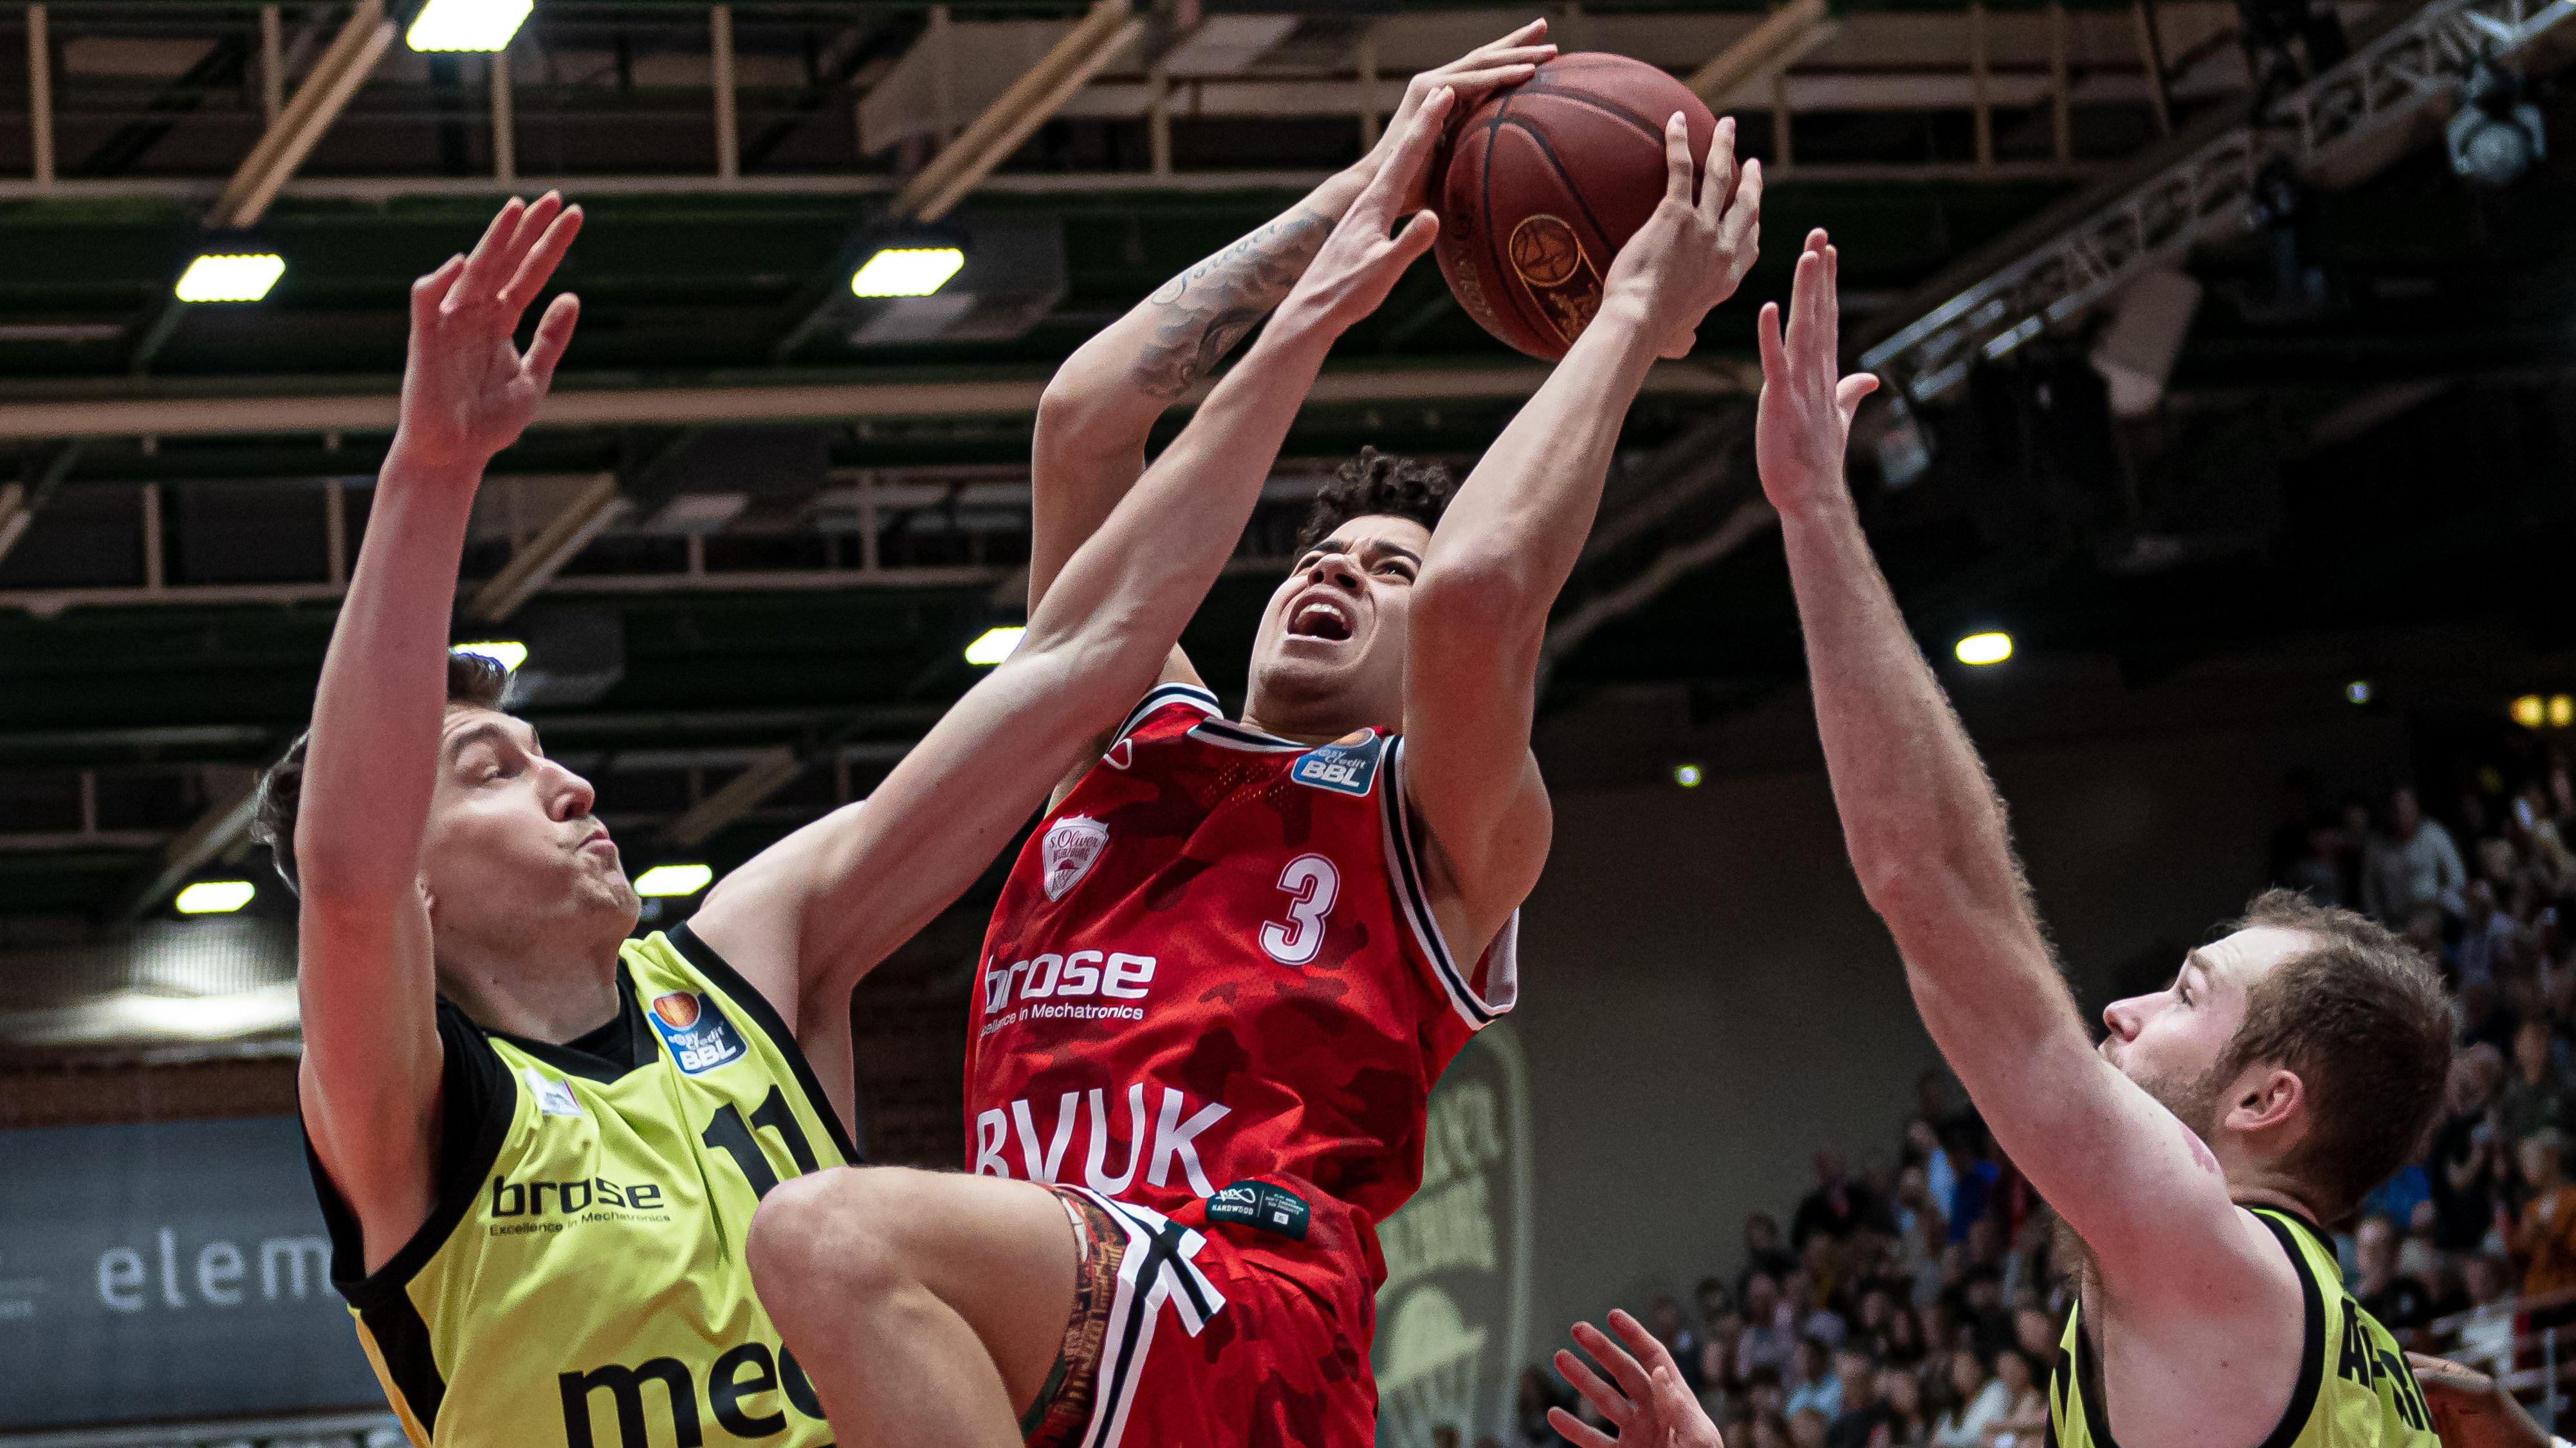 Würzburger Basketballer feiert Debüt in Nationalmannschaft